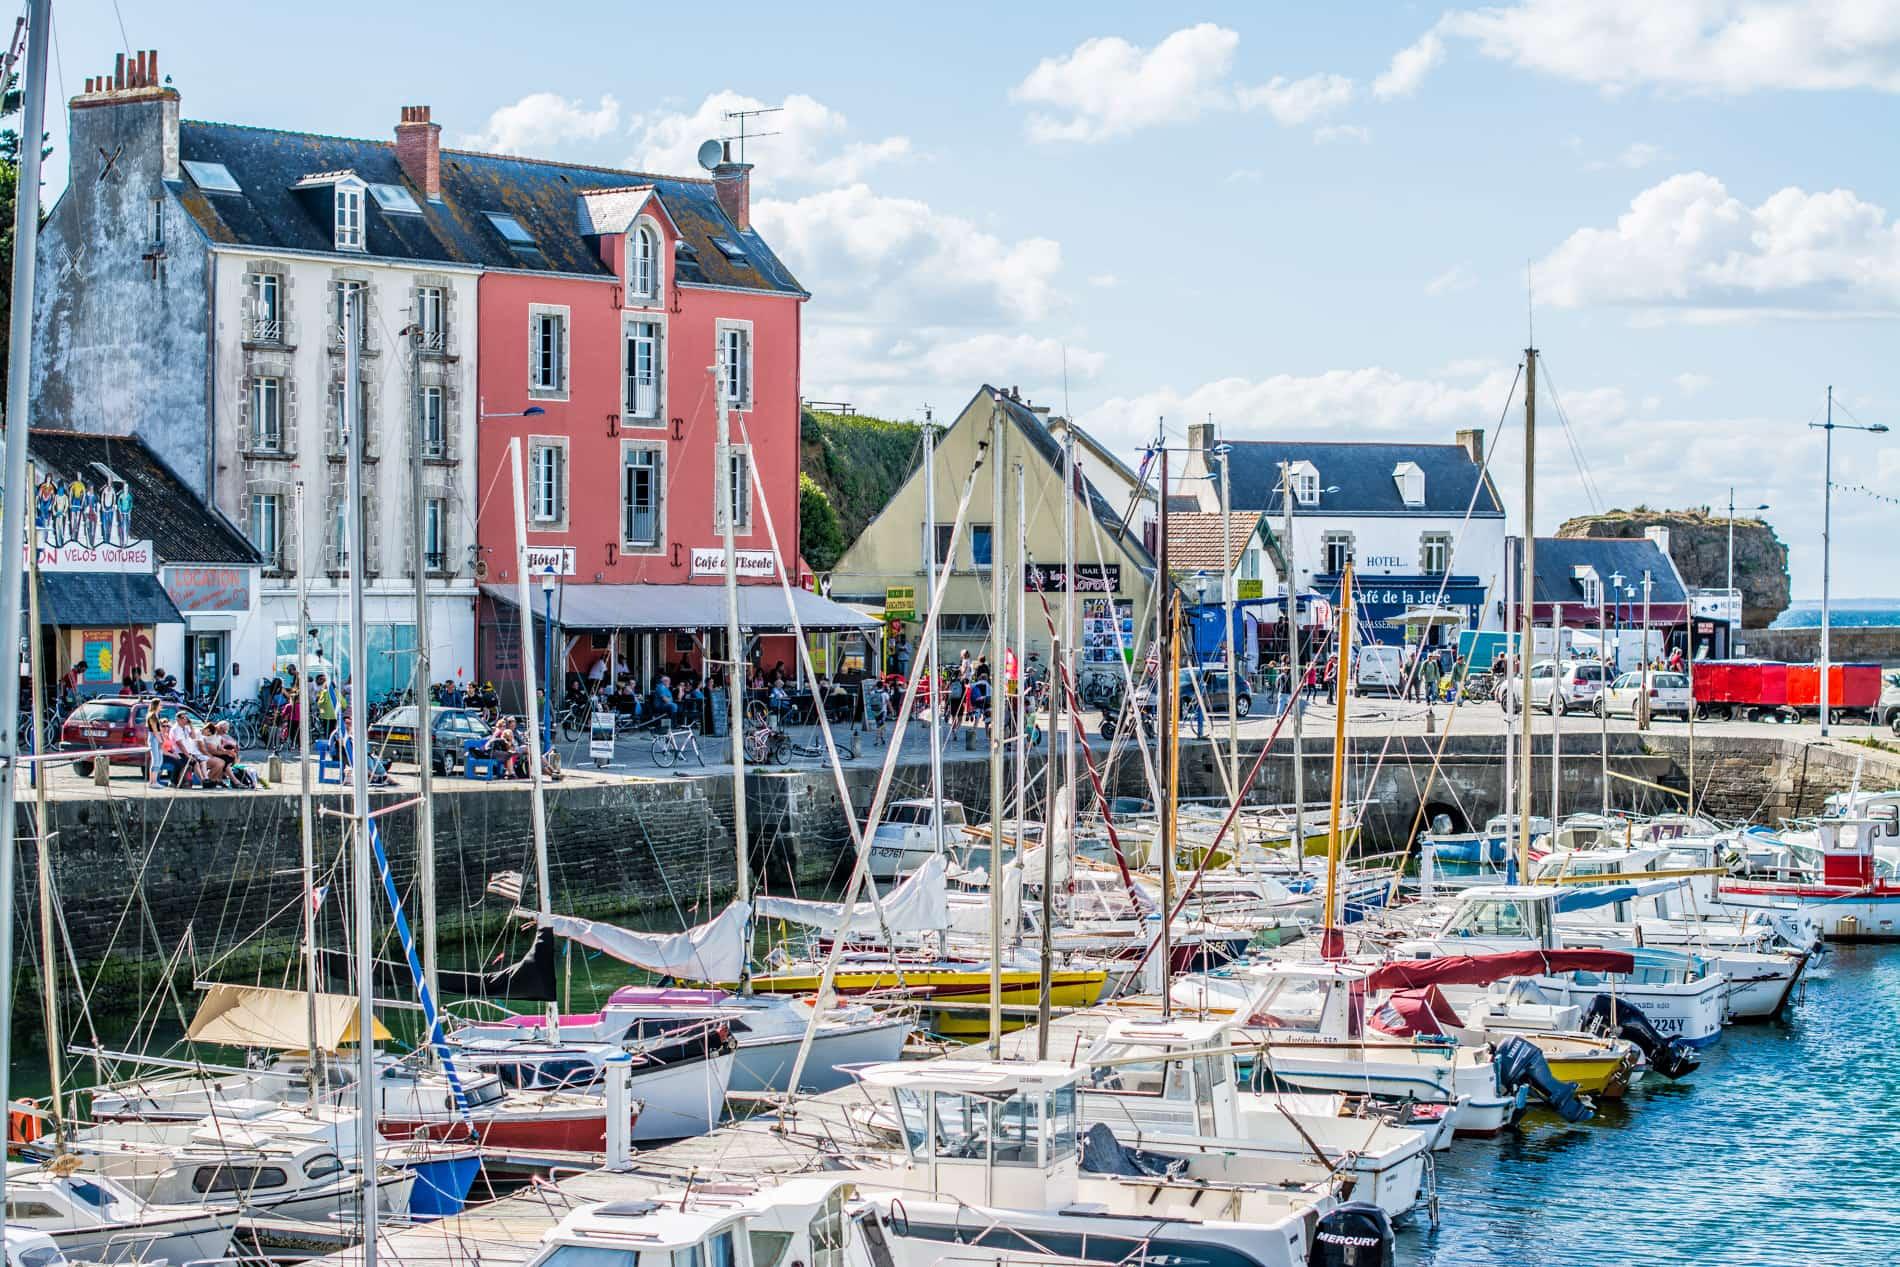 Une journée à vélo sur l'île de Groix en Bretagne